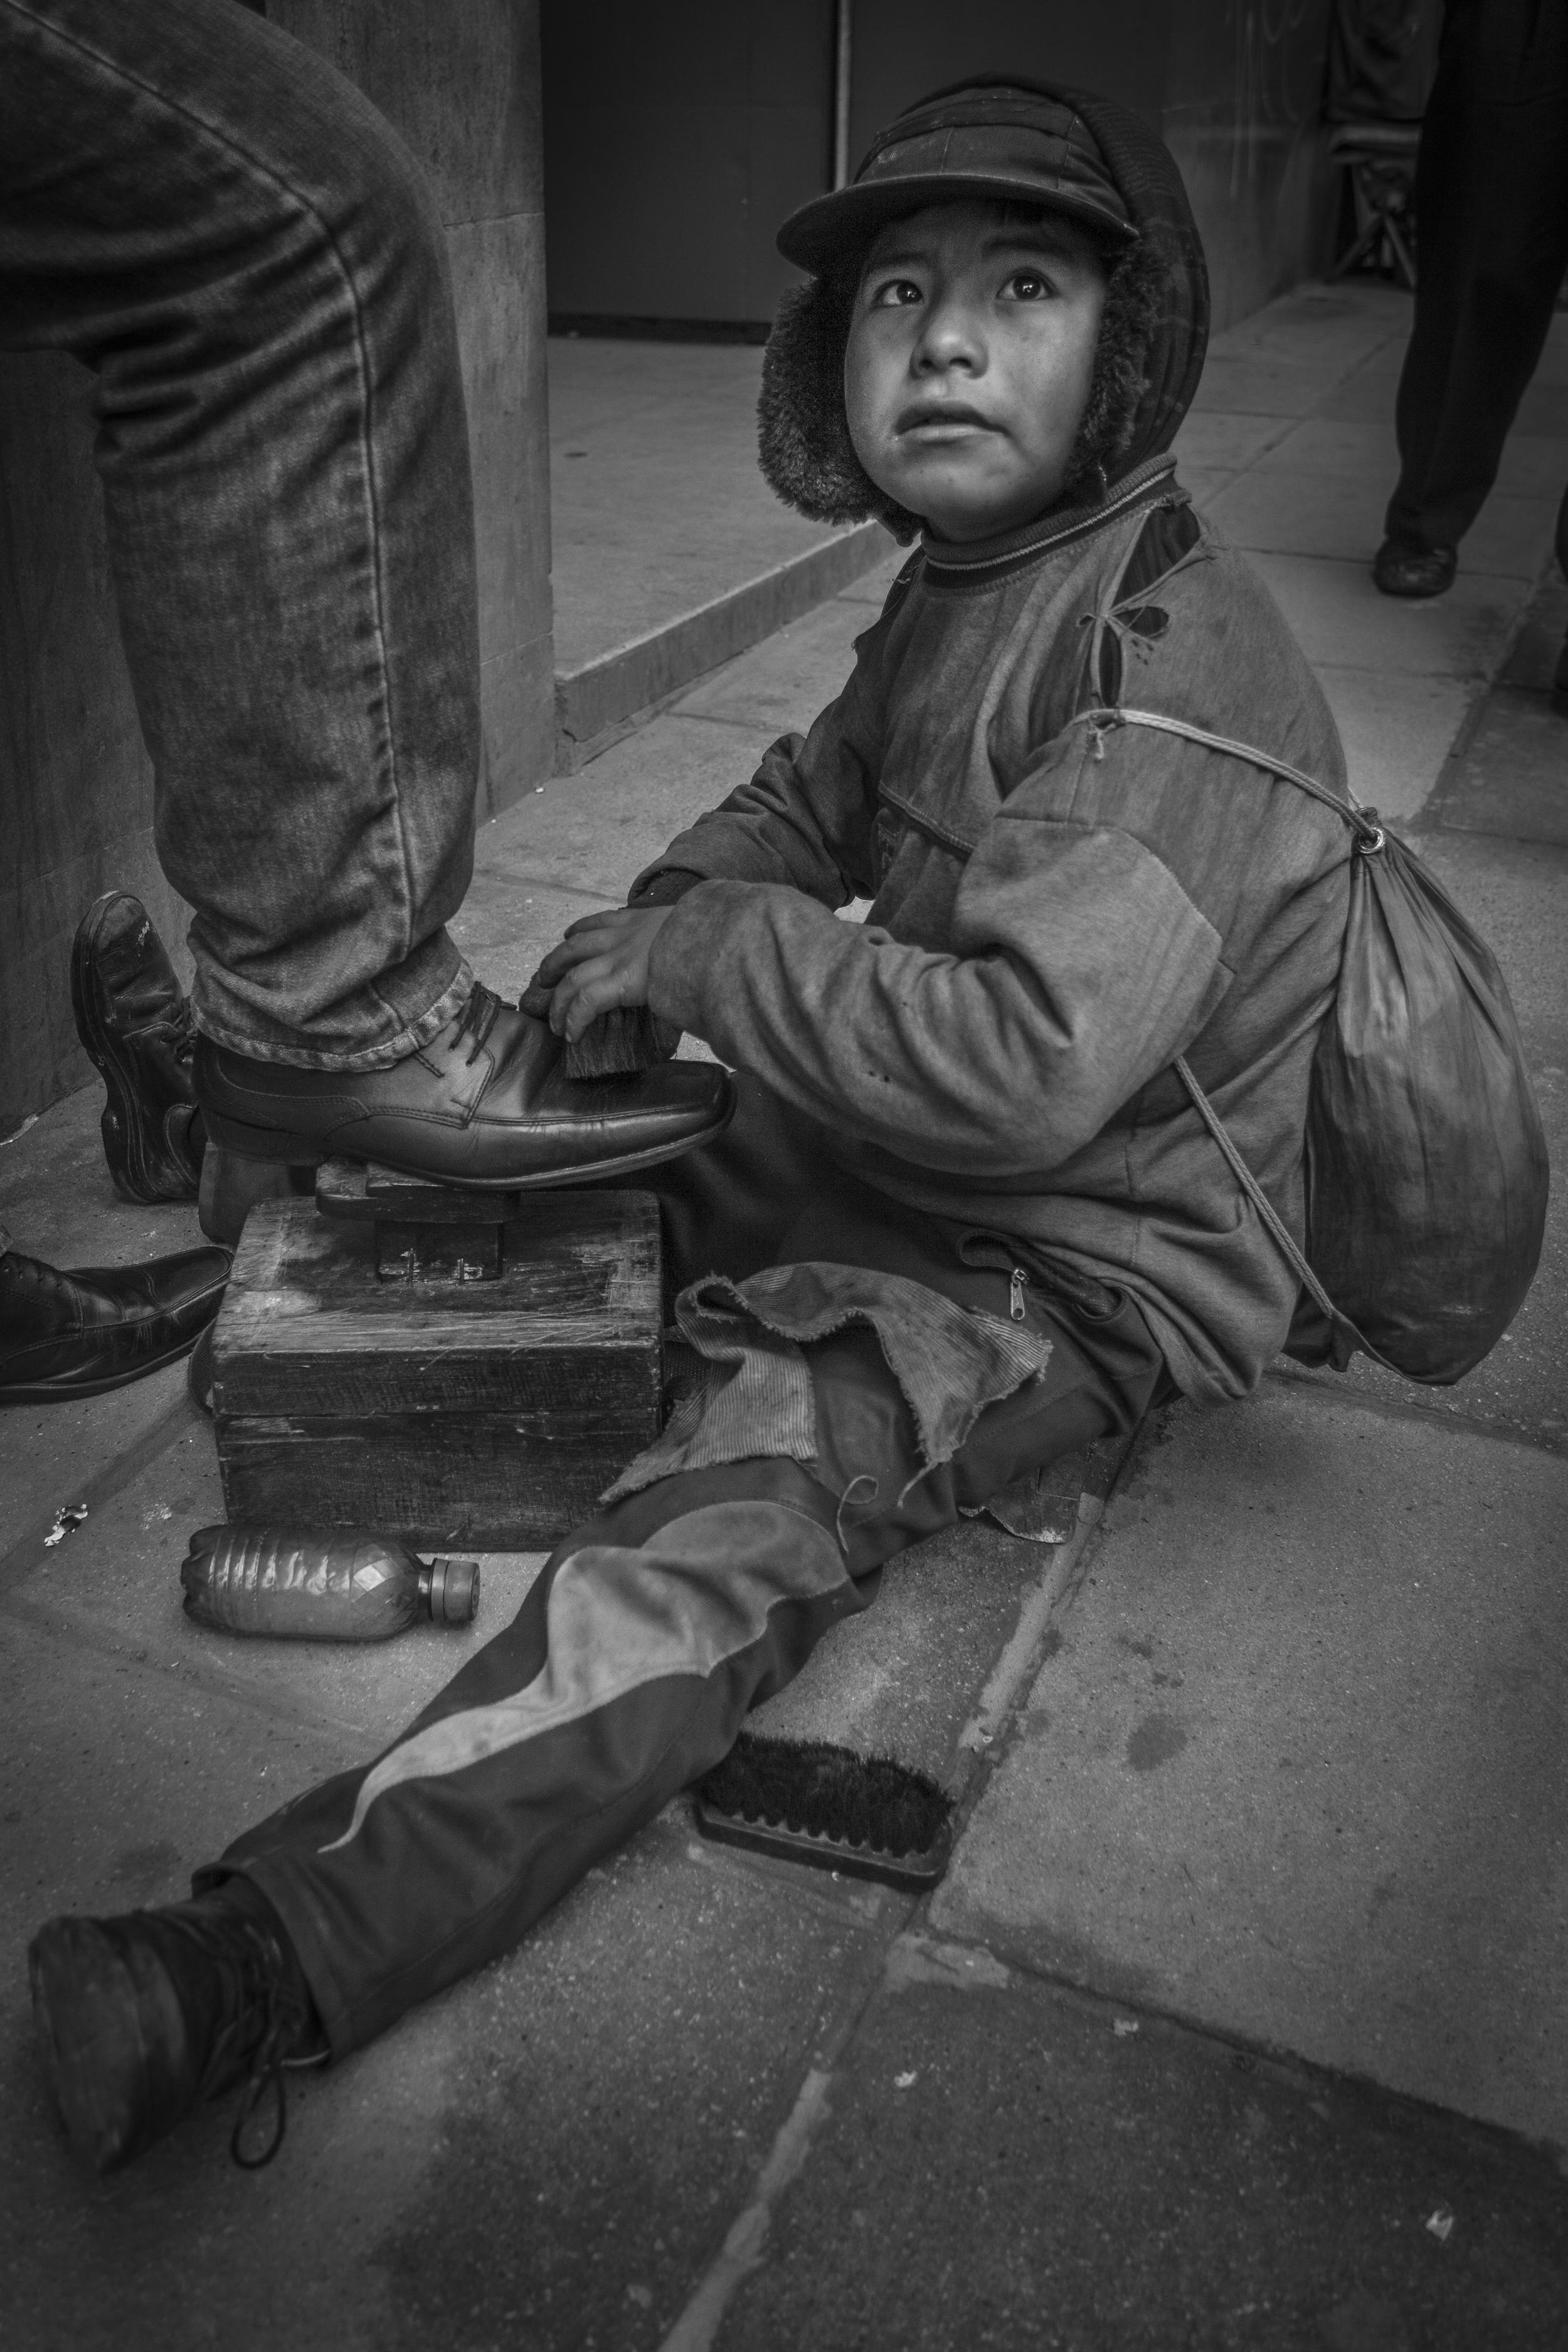 bol shoeshine boy bw 4x6.jpg